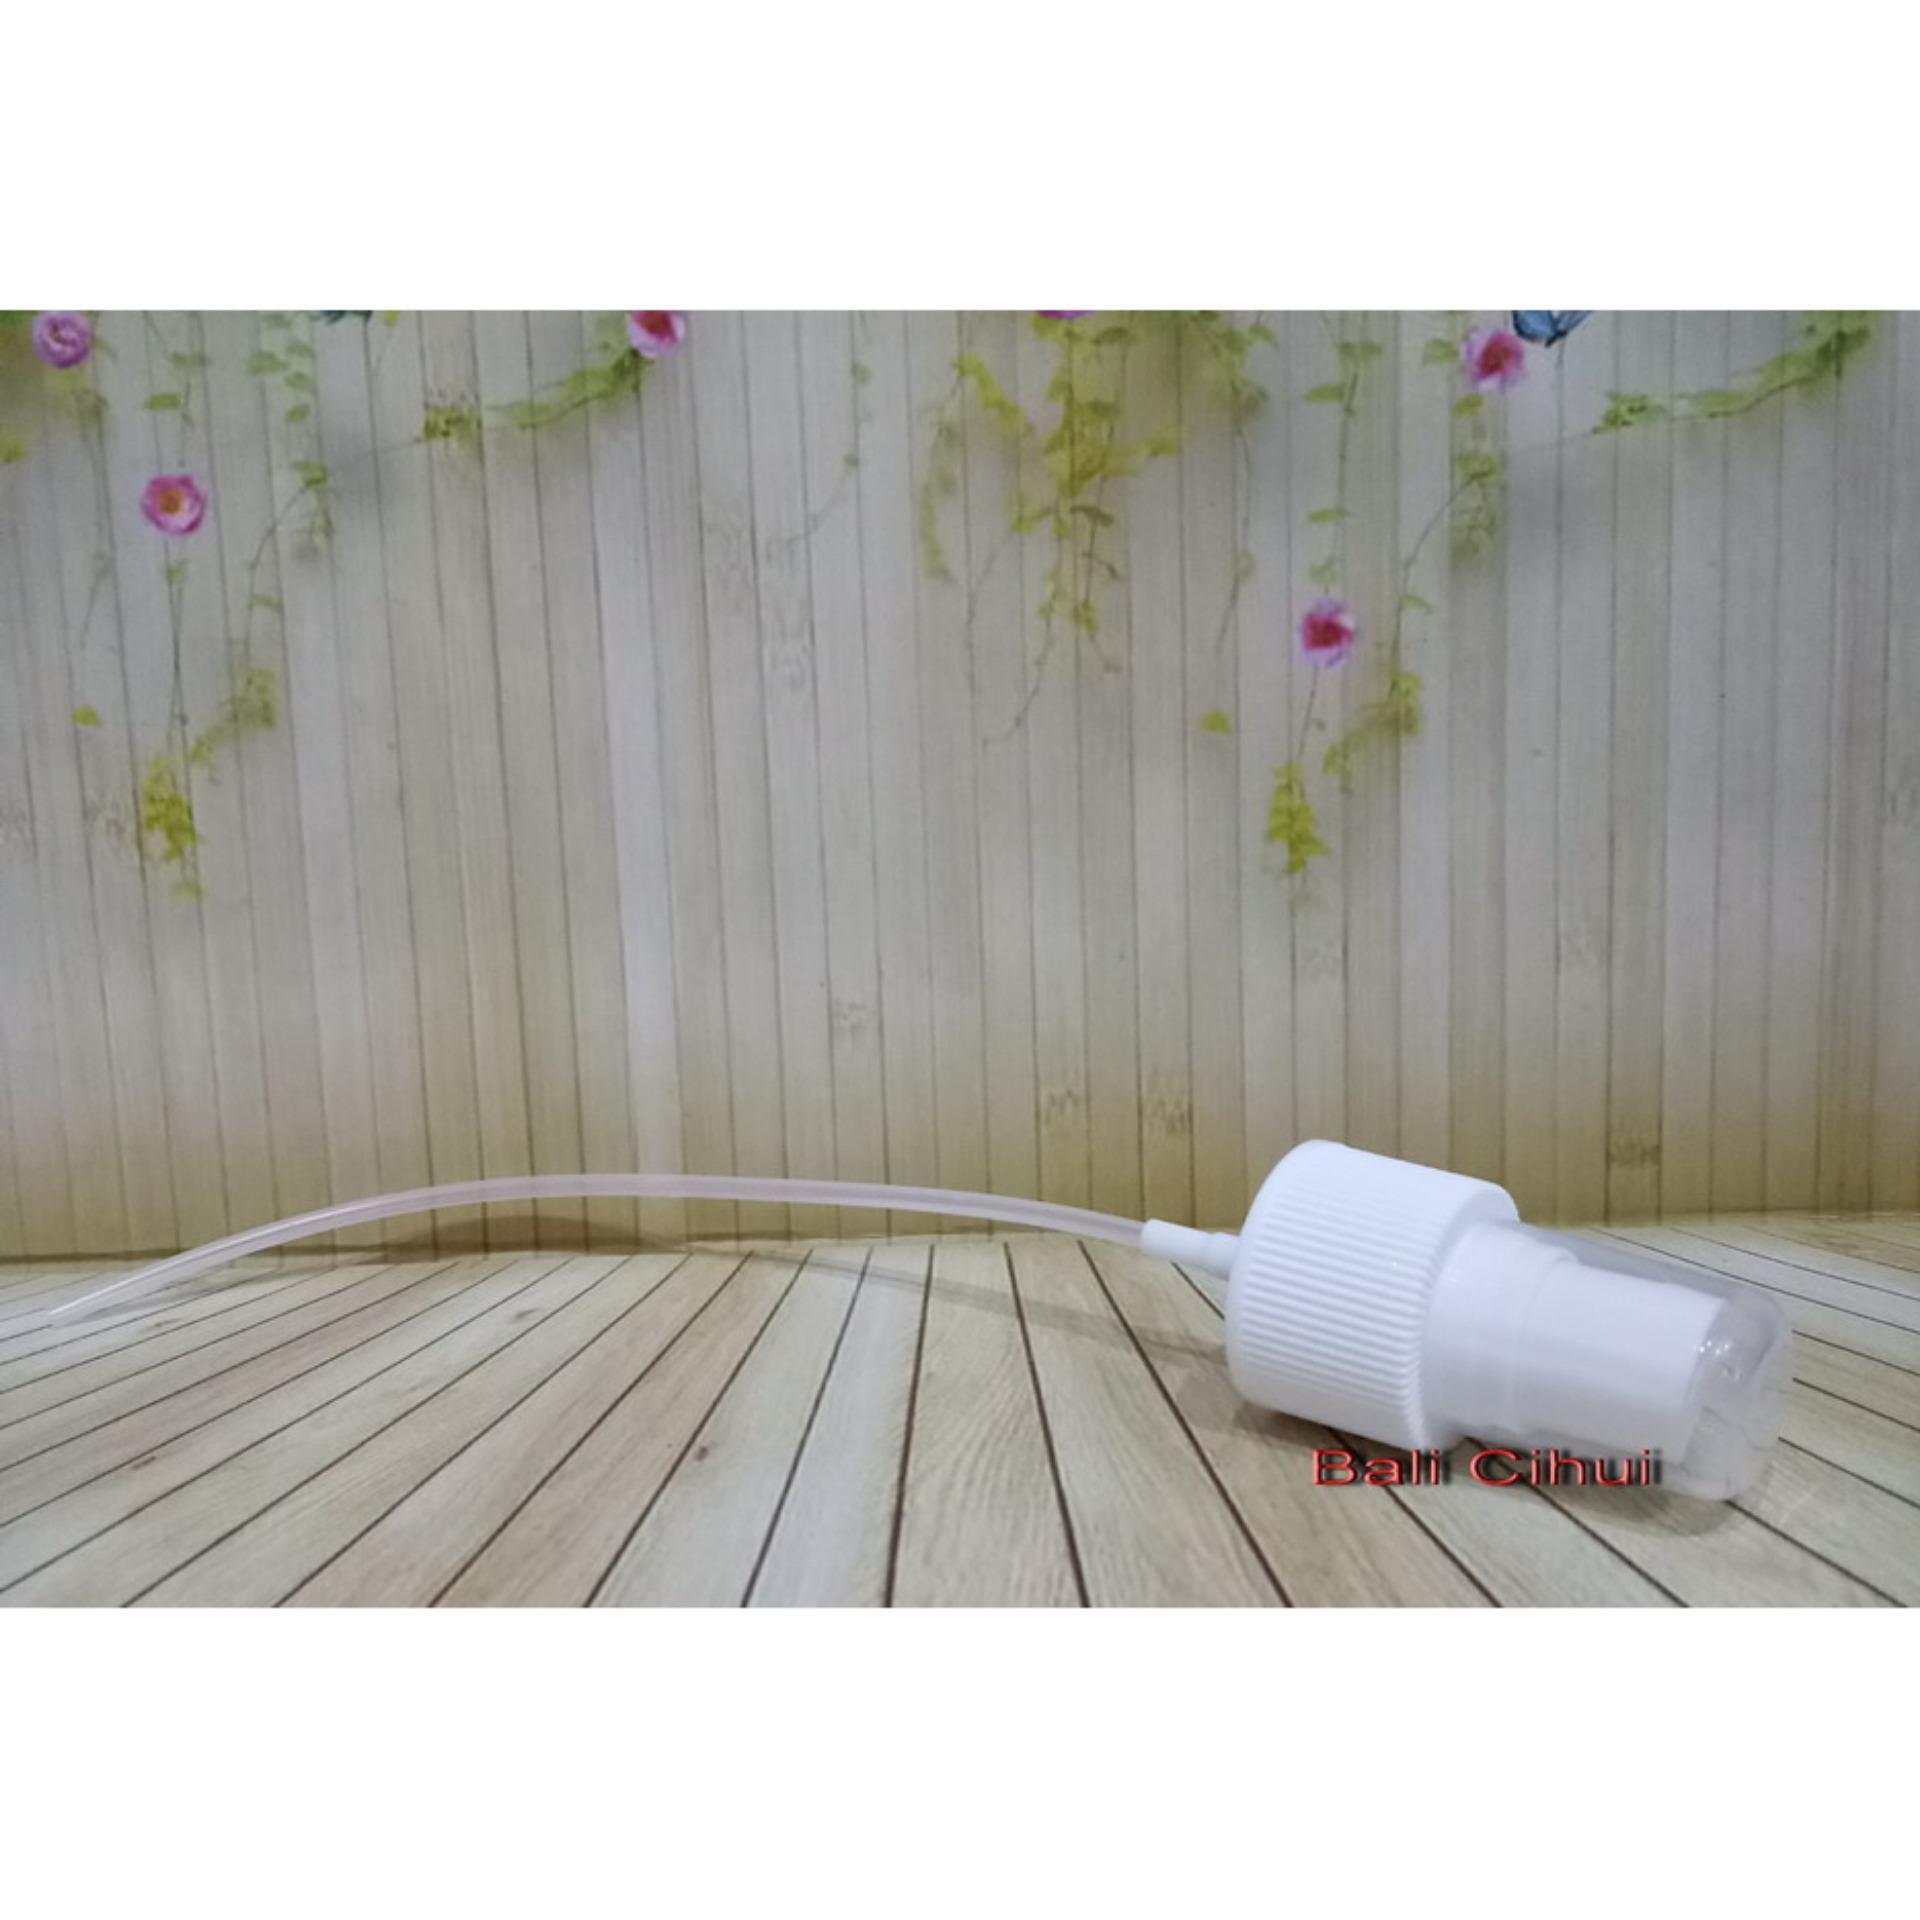 Minyak Kutus Asli Bali Healing Oil 100 Ml Free Tutup Semprot Brosur Dan Spray Varash Botol Travel Atau